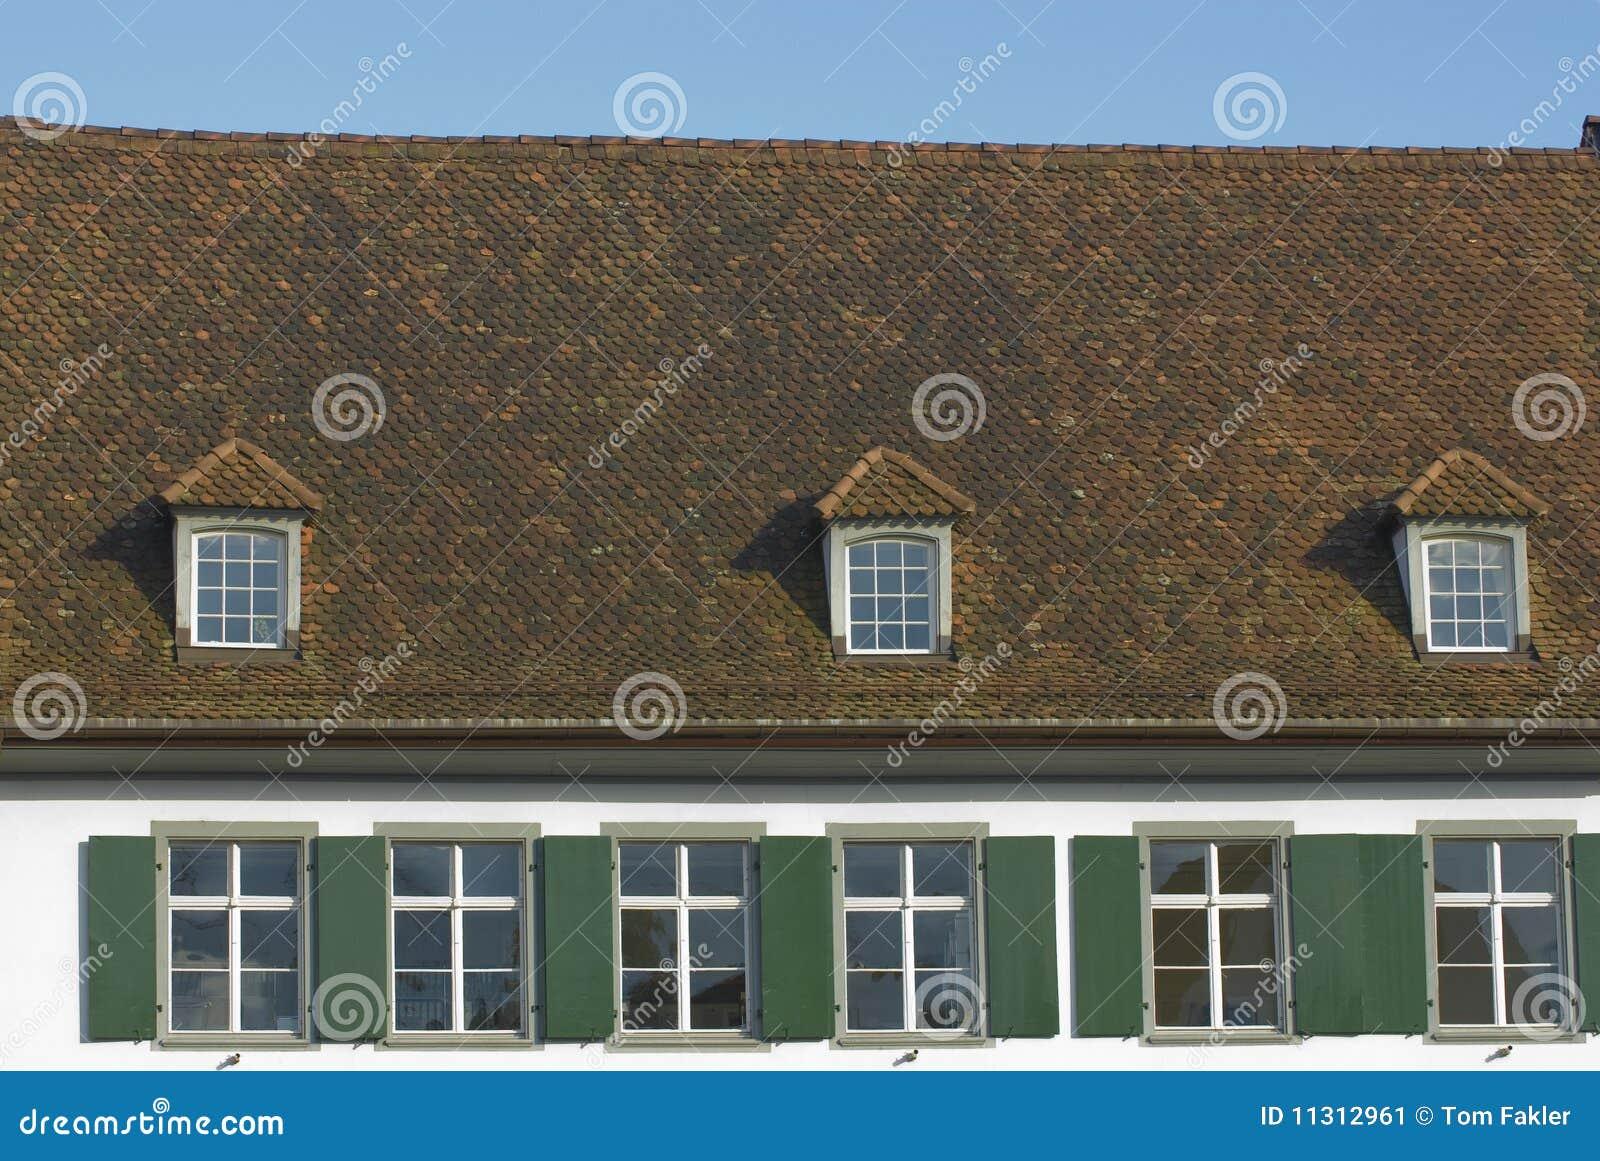 Mit Ziegeln gedecktes Dach mit giebeligen Fenstern